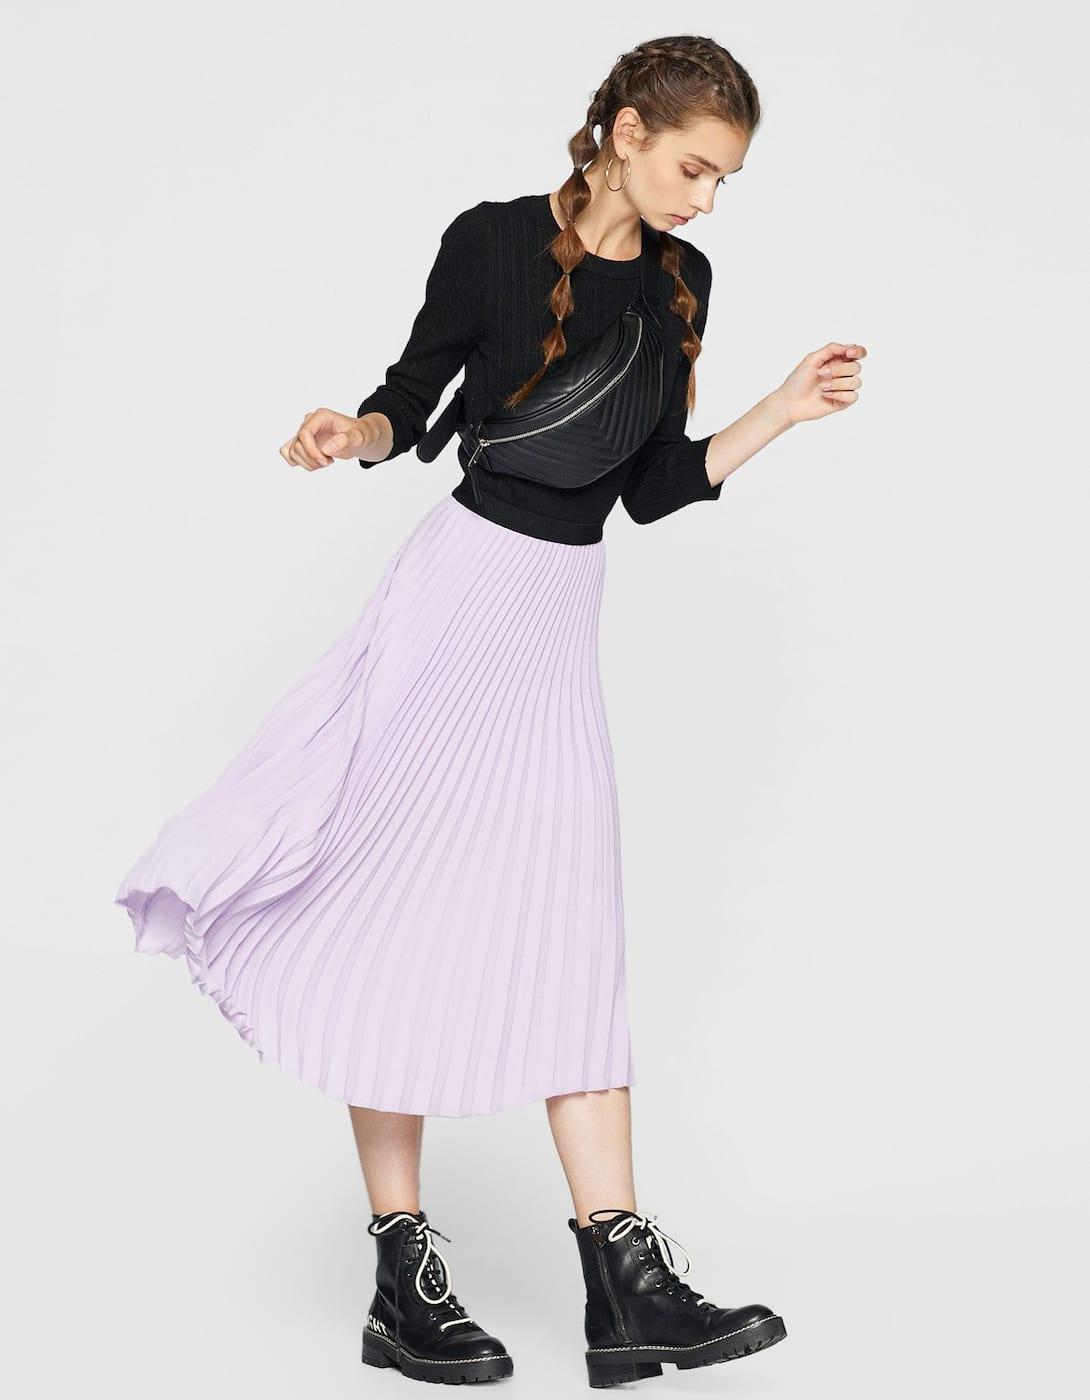 thời trang cung hoàng đạo màu tím